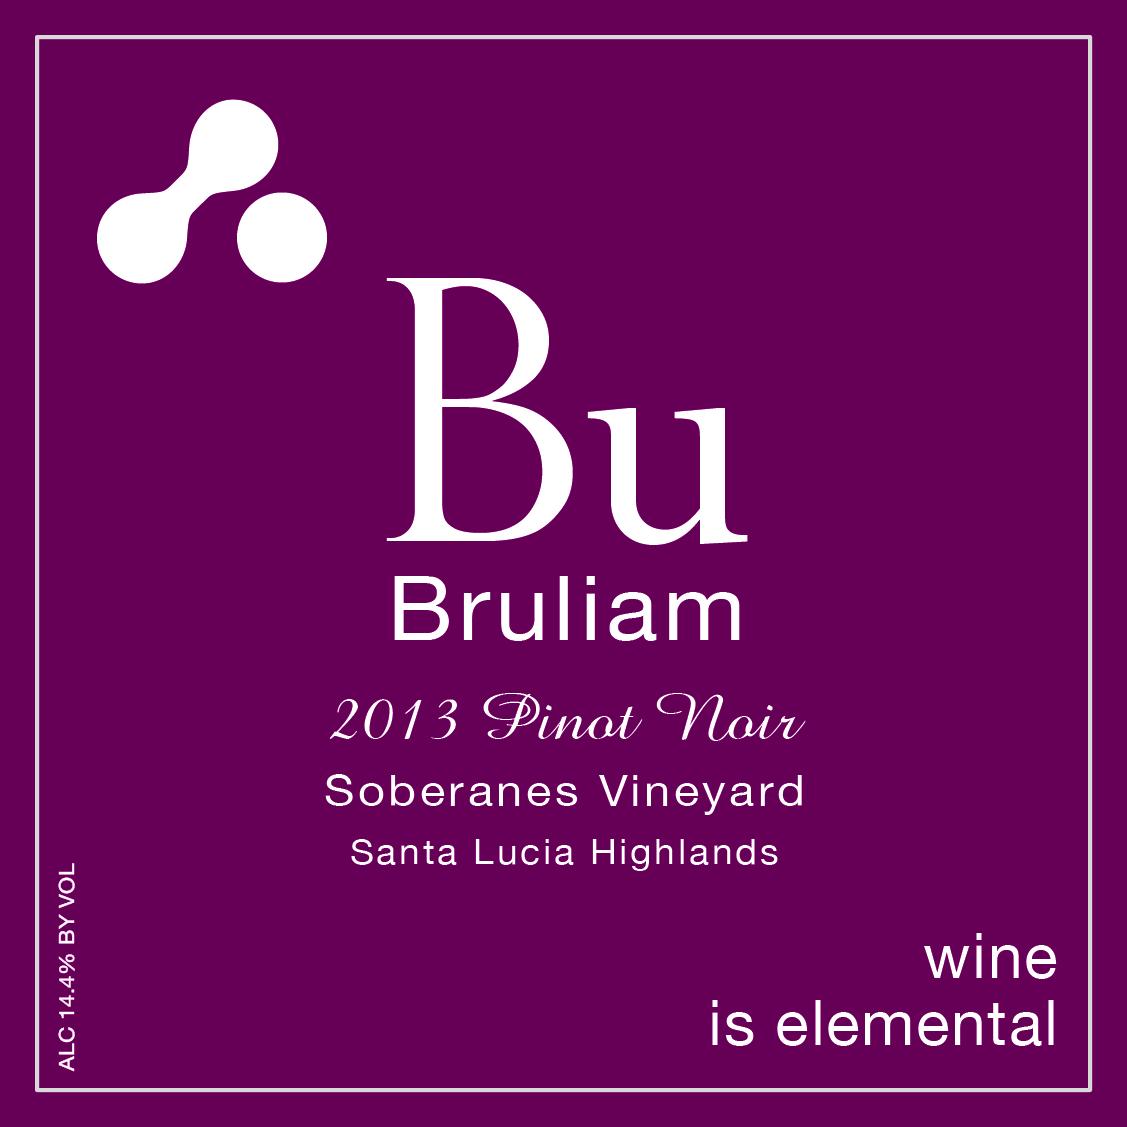 Essential Wine